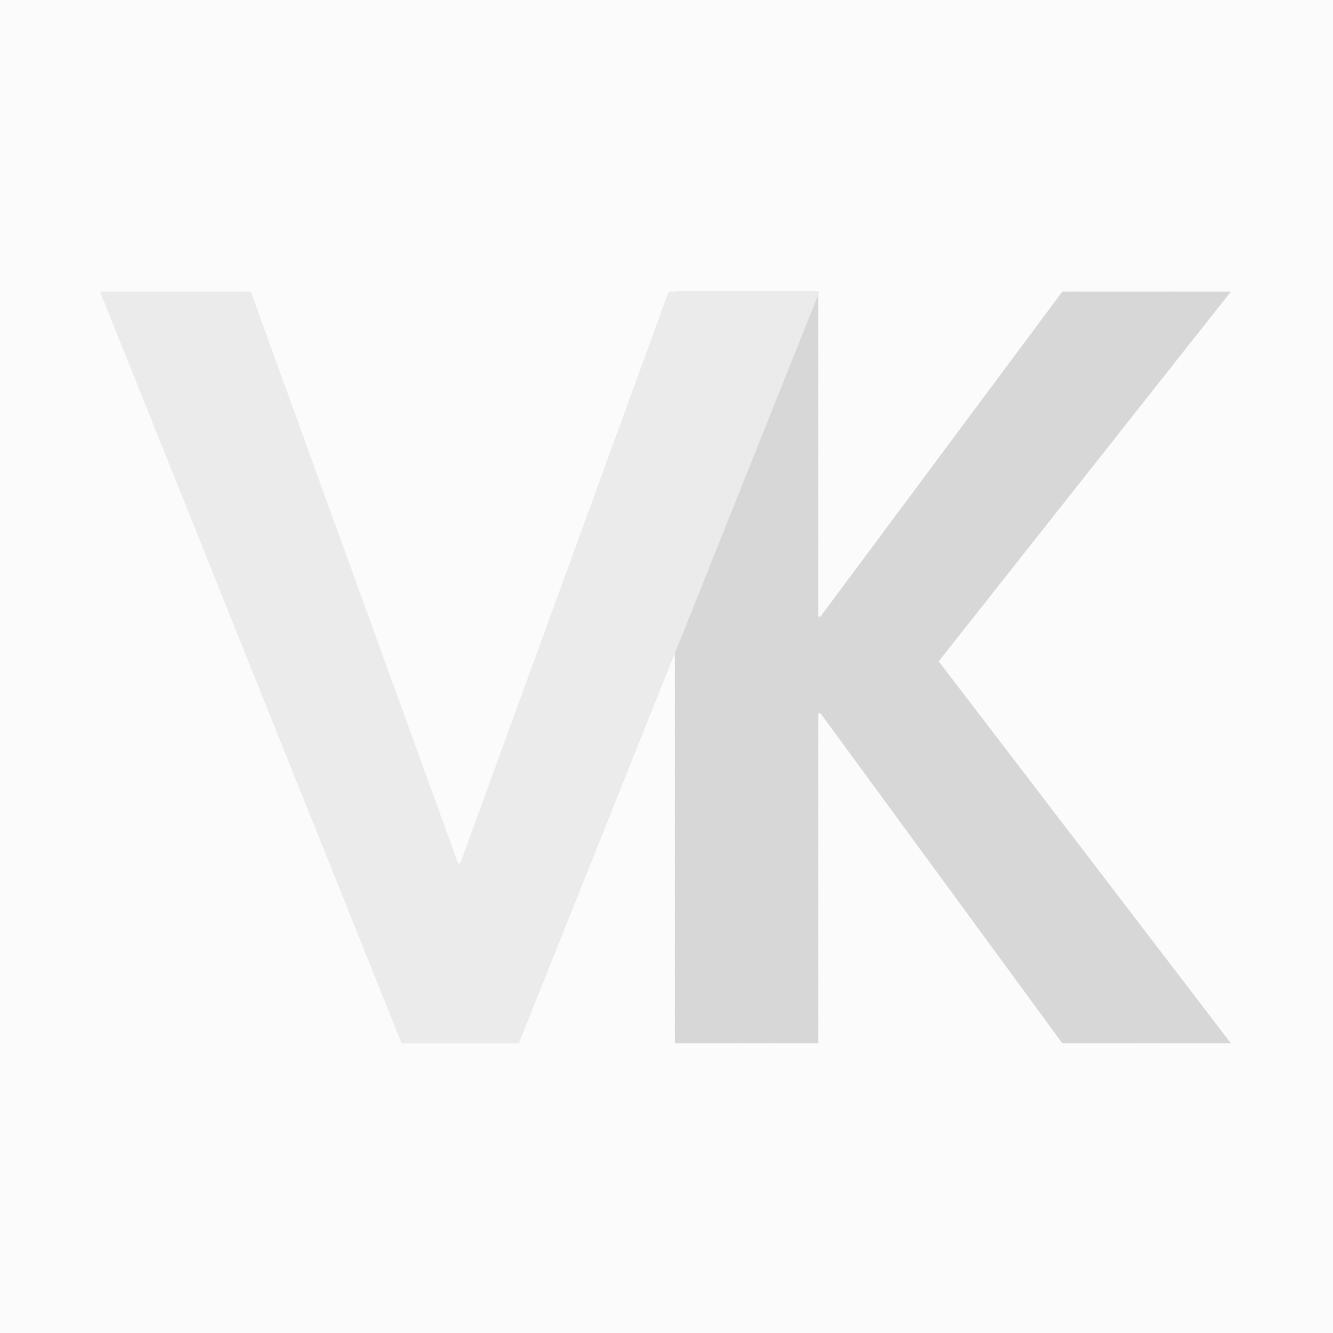 Kyone 660 Kappersschaar 6.5